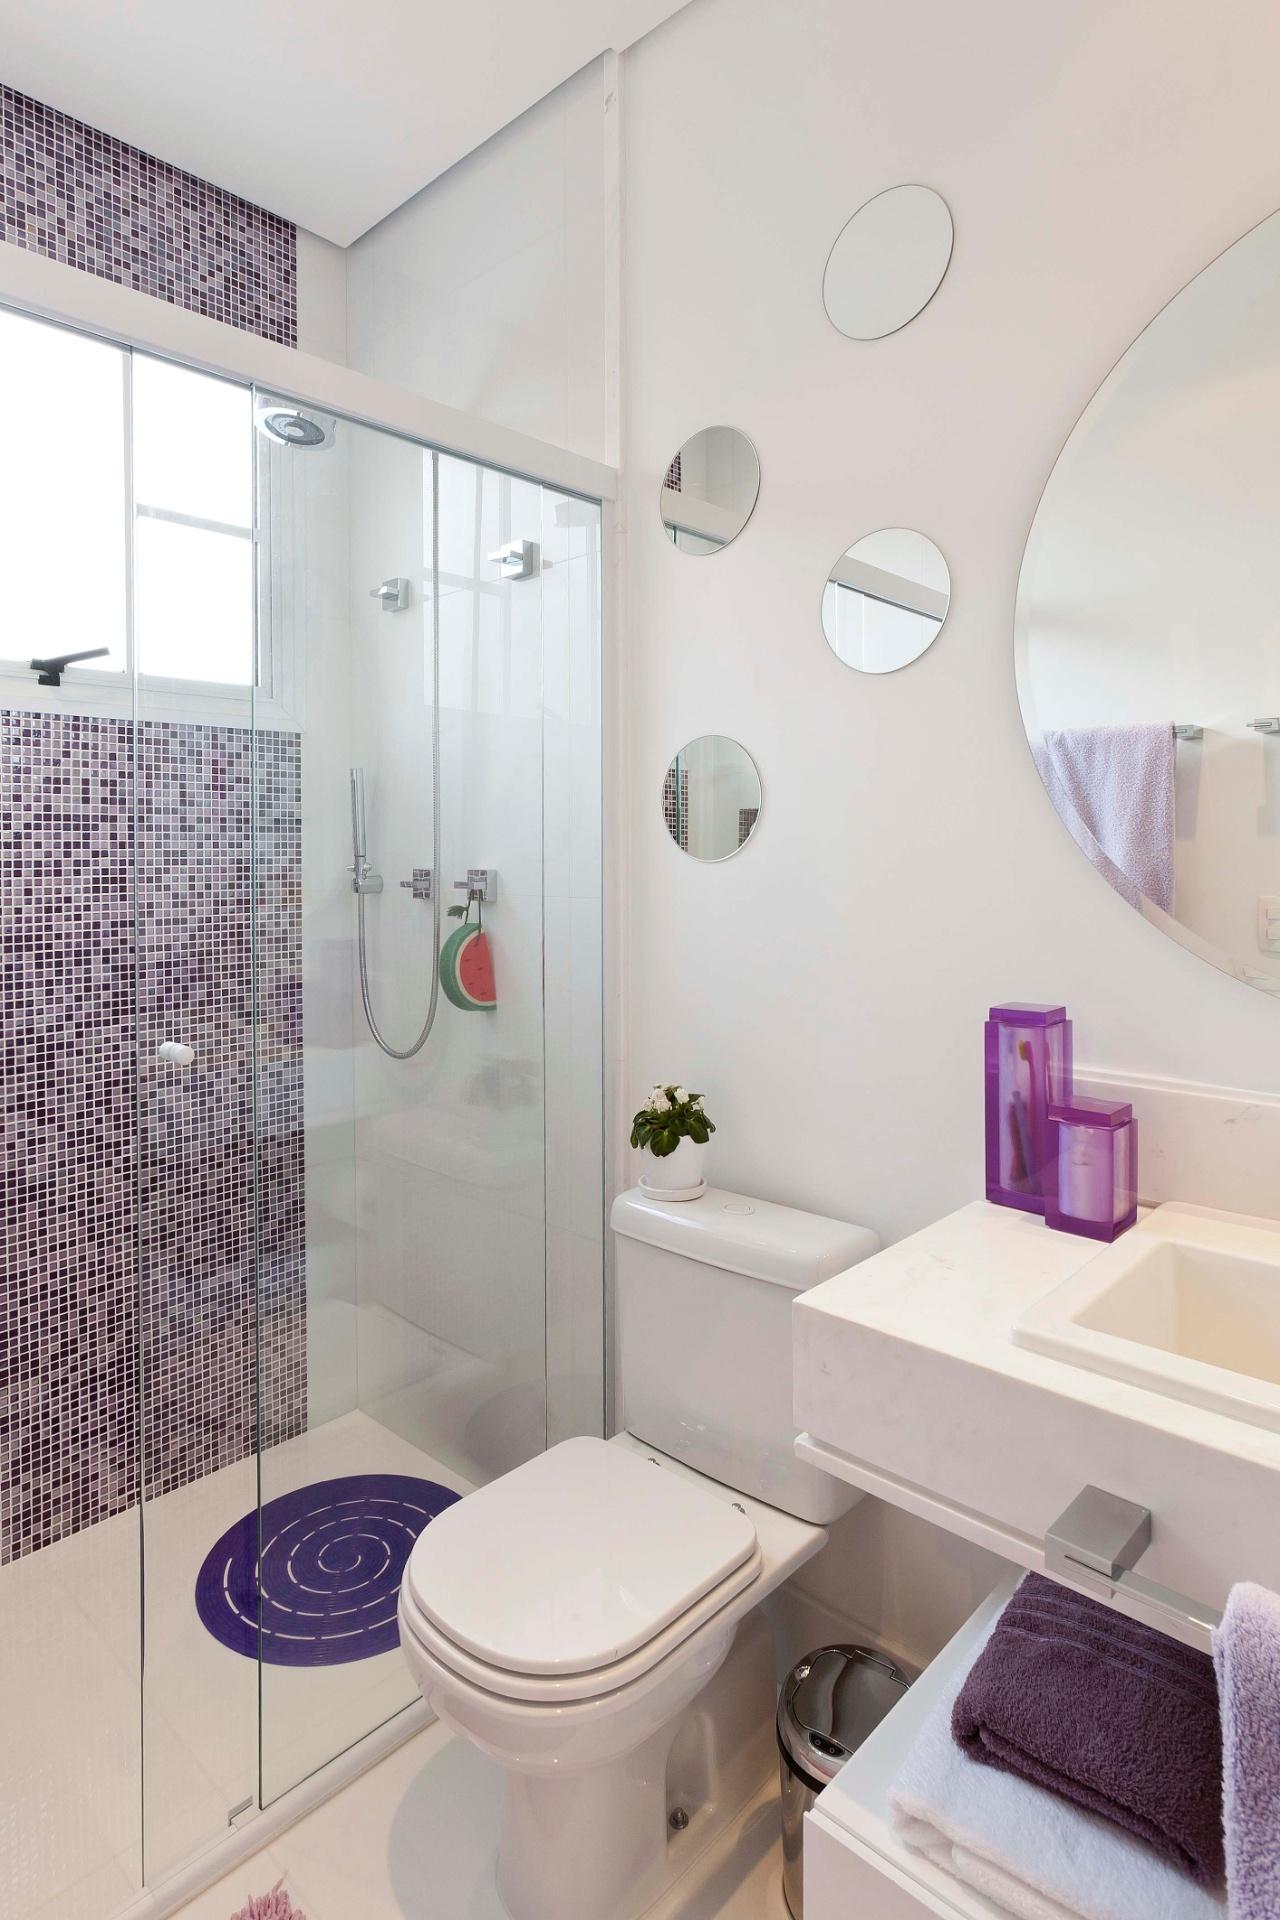 Banheiros pequenos: dicas de decoração para quem tem pouco espaço  #43345E 1280x1920 Banheiro Casal Dois Vasos